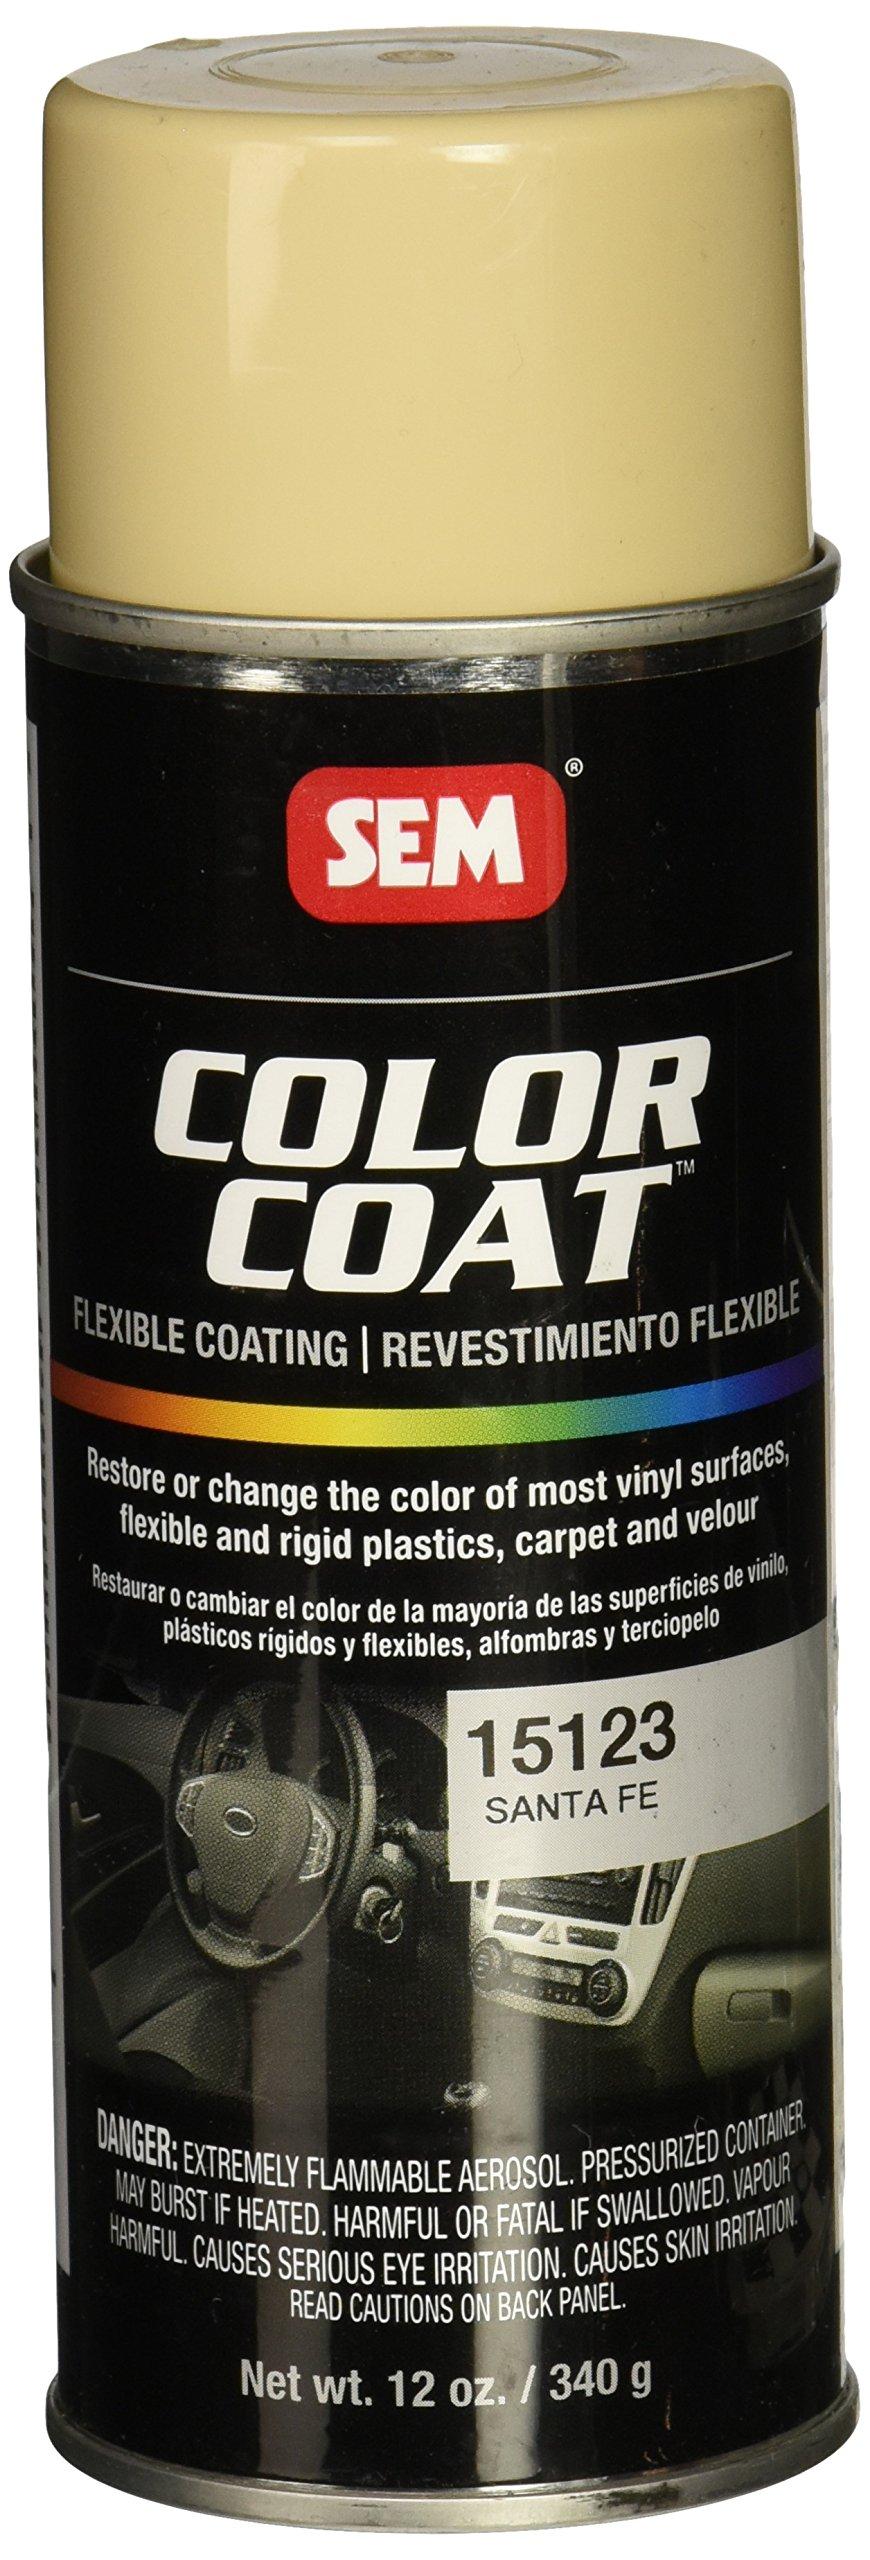 SEM Products 15123 Santa Fe Color Coat - 12 oz.